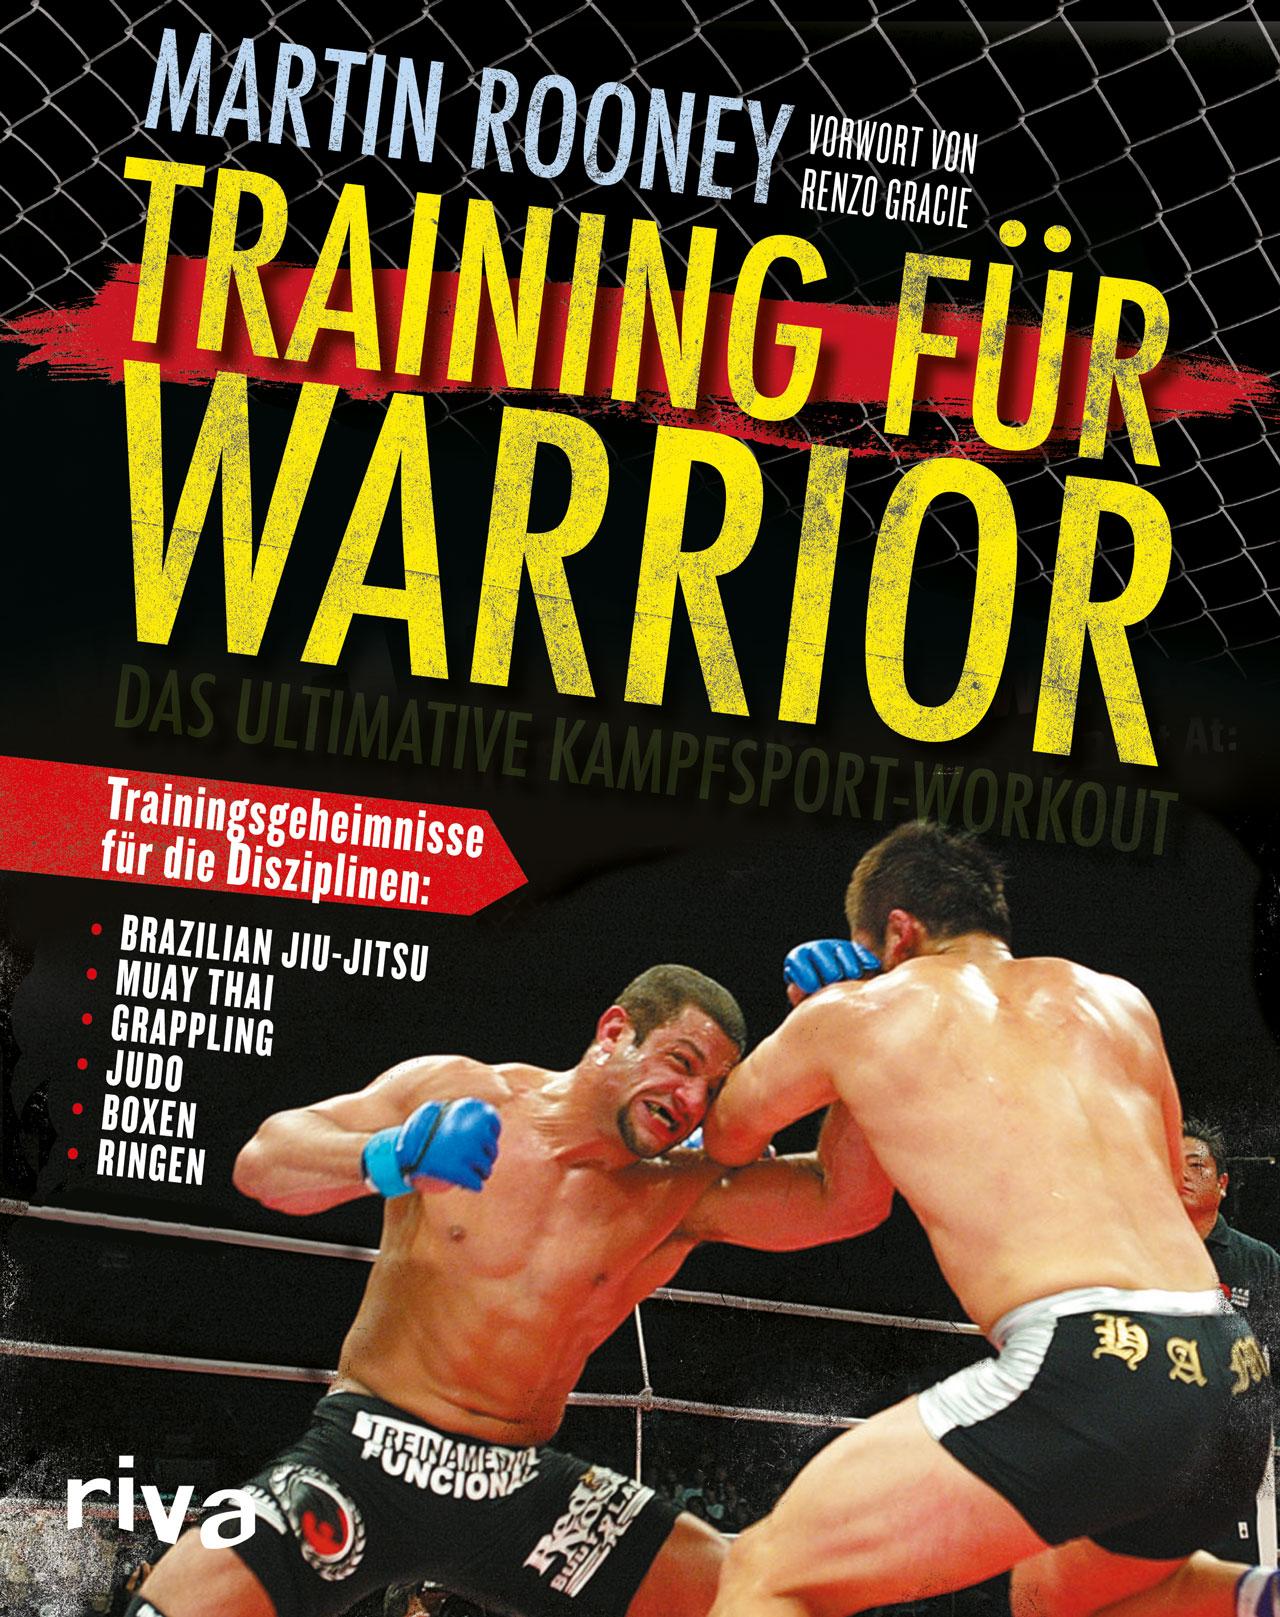 Training für Warrior: Das ultimative Kampfsport-Workout - Martin Rooney